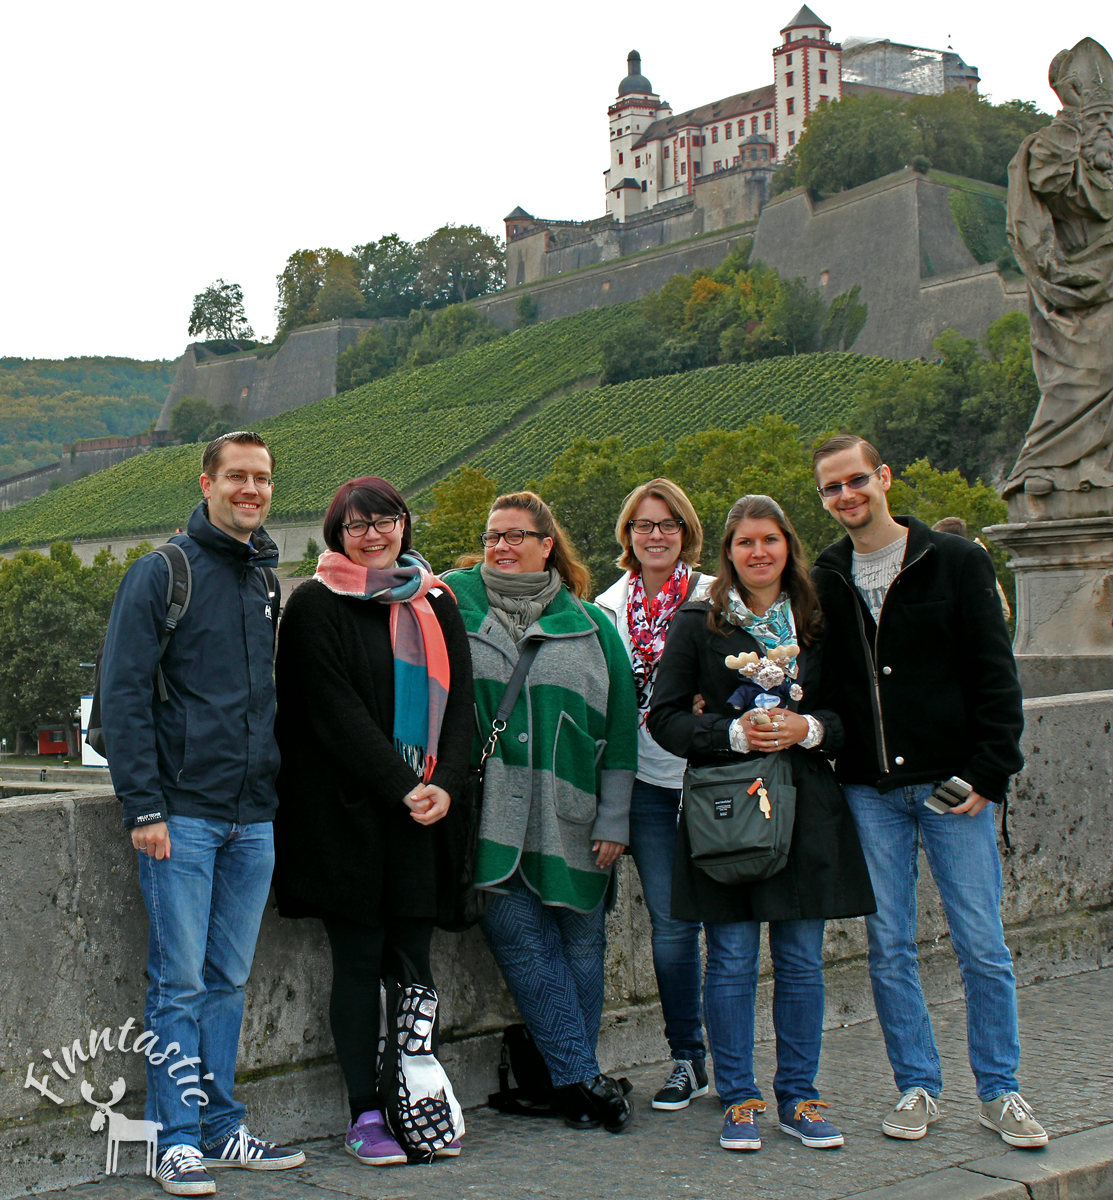 Finnlandverrückte Blogger on Tour in Würzburg (von links: René (Finntouch), Tine (Finnweh), Michaela (Mahtava), Inken (Finntastic), Steffi & Markus (Finnpressions)